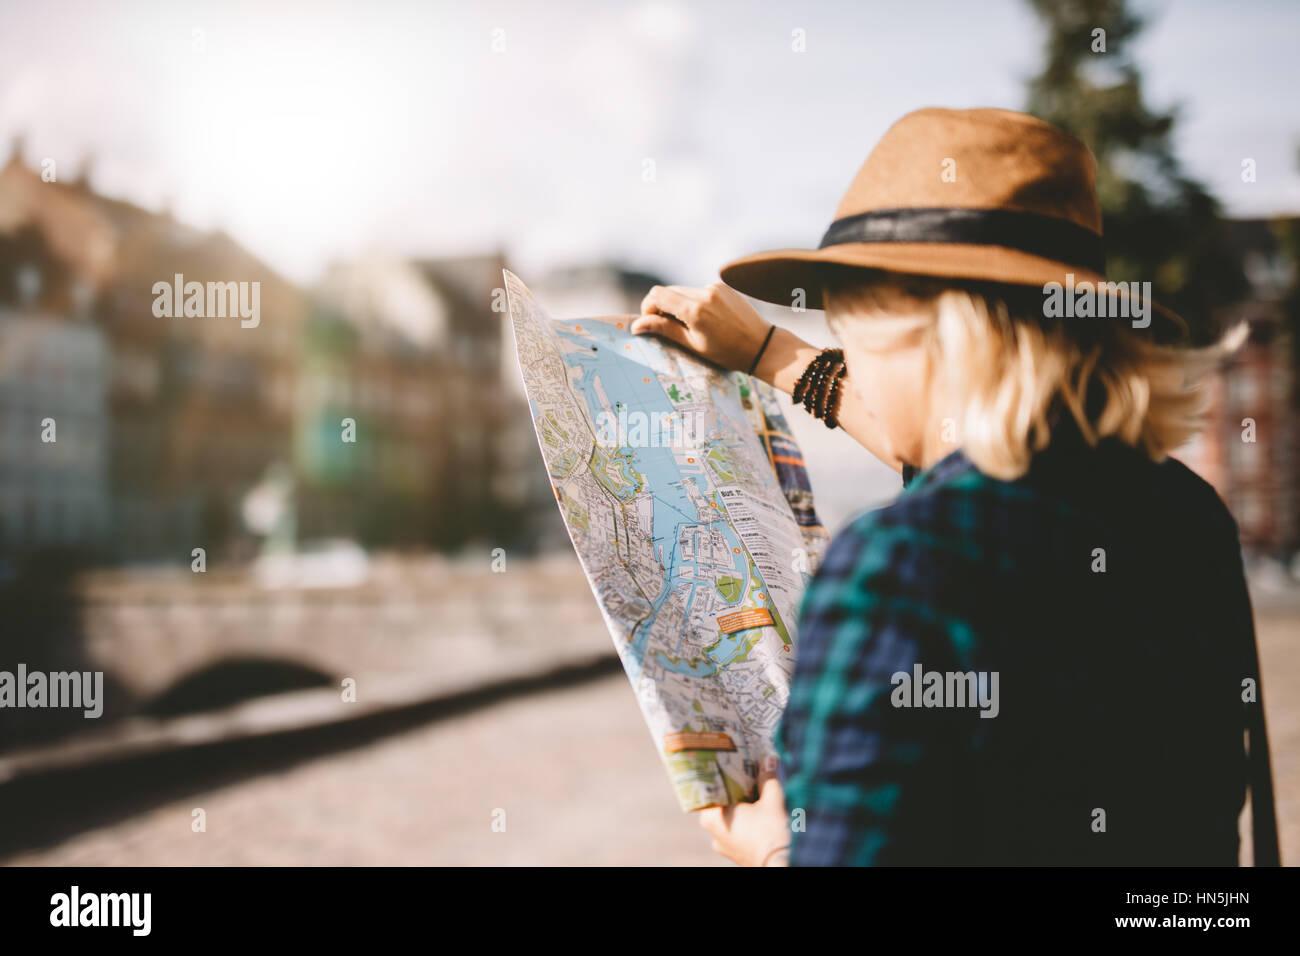 Seitenansicht der jungen Frau mit Hut, Blick auf einen Stadtplan. Touristen auf der Suche nach Navigationsroute Stockbild